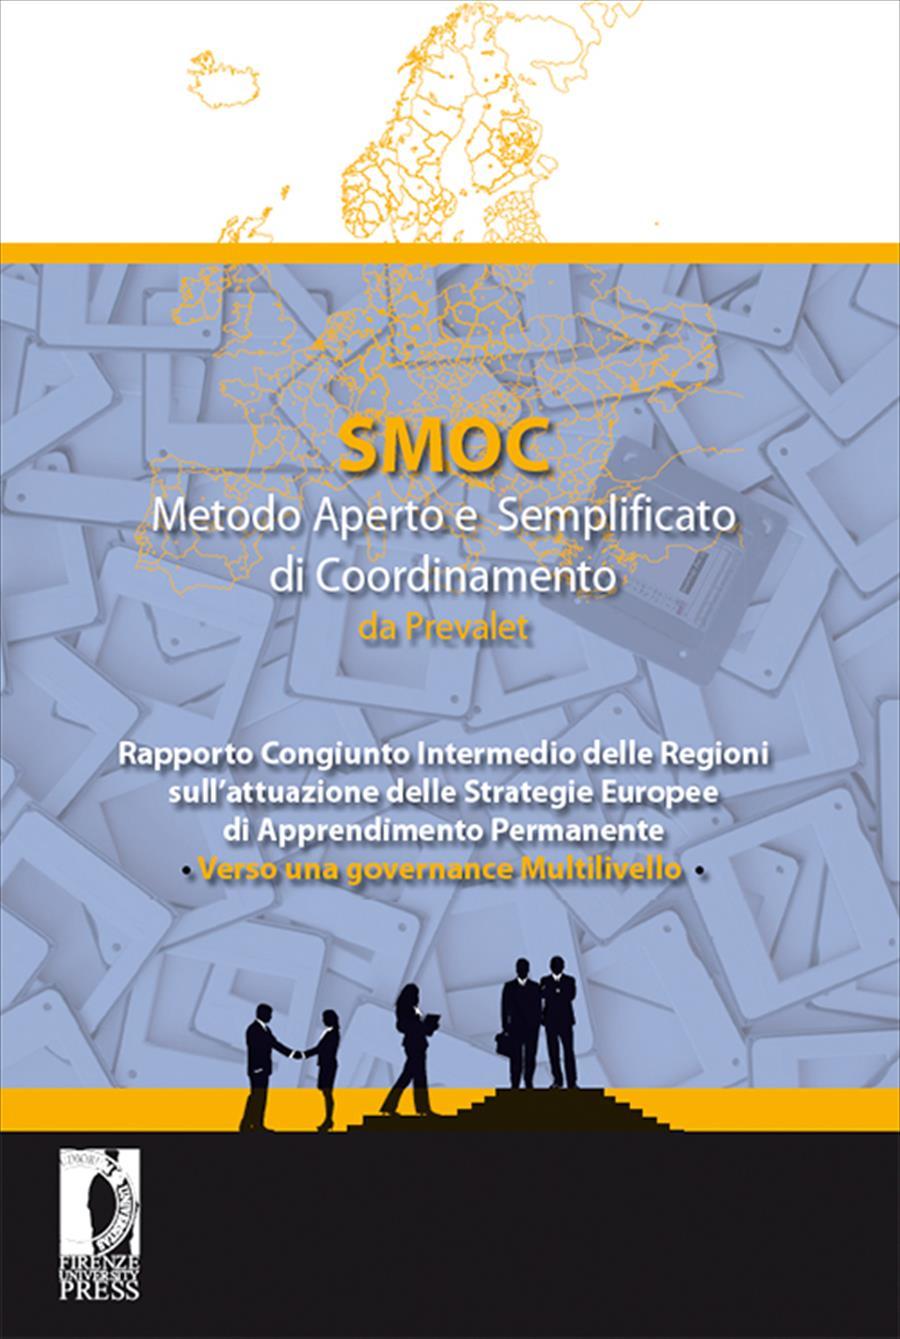 SMOC-Metodo Aperto e Semplificato di Coordinamento da Prevalet